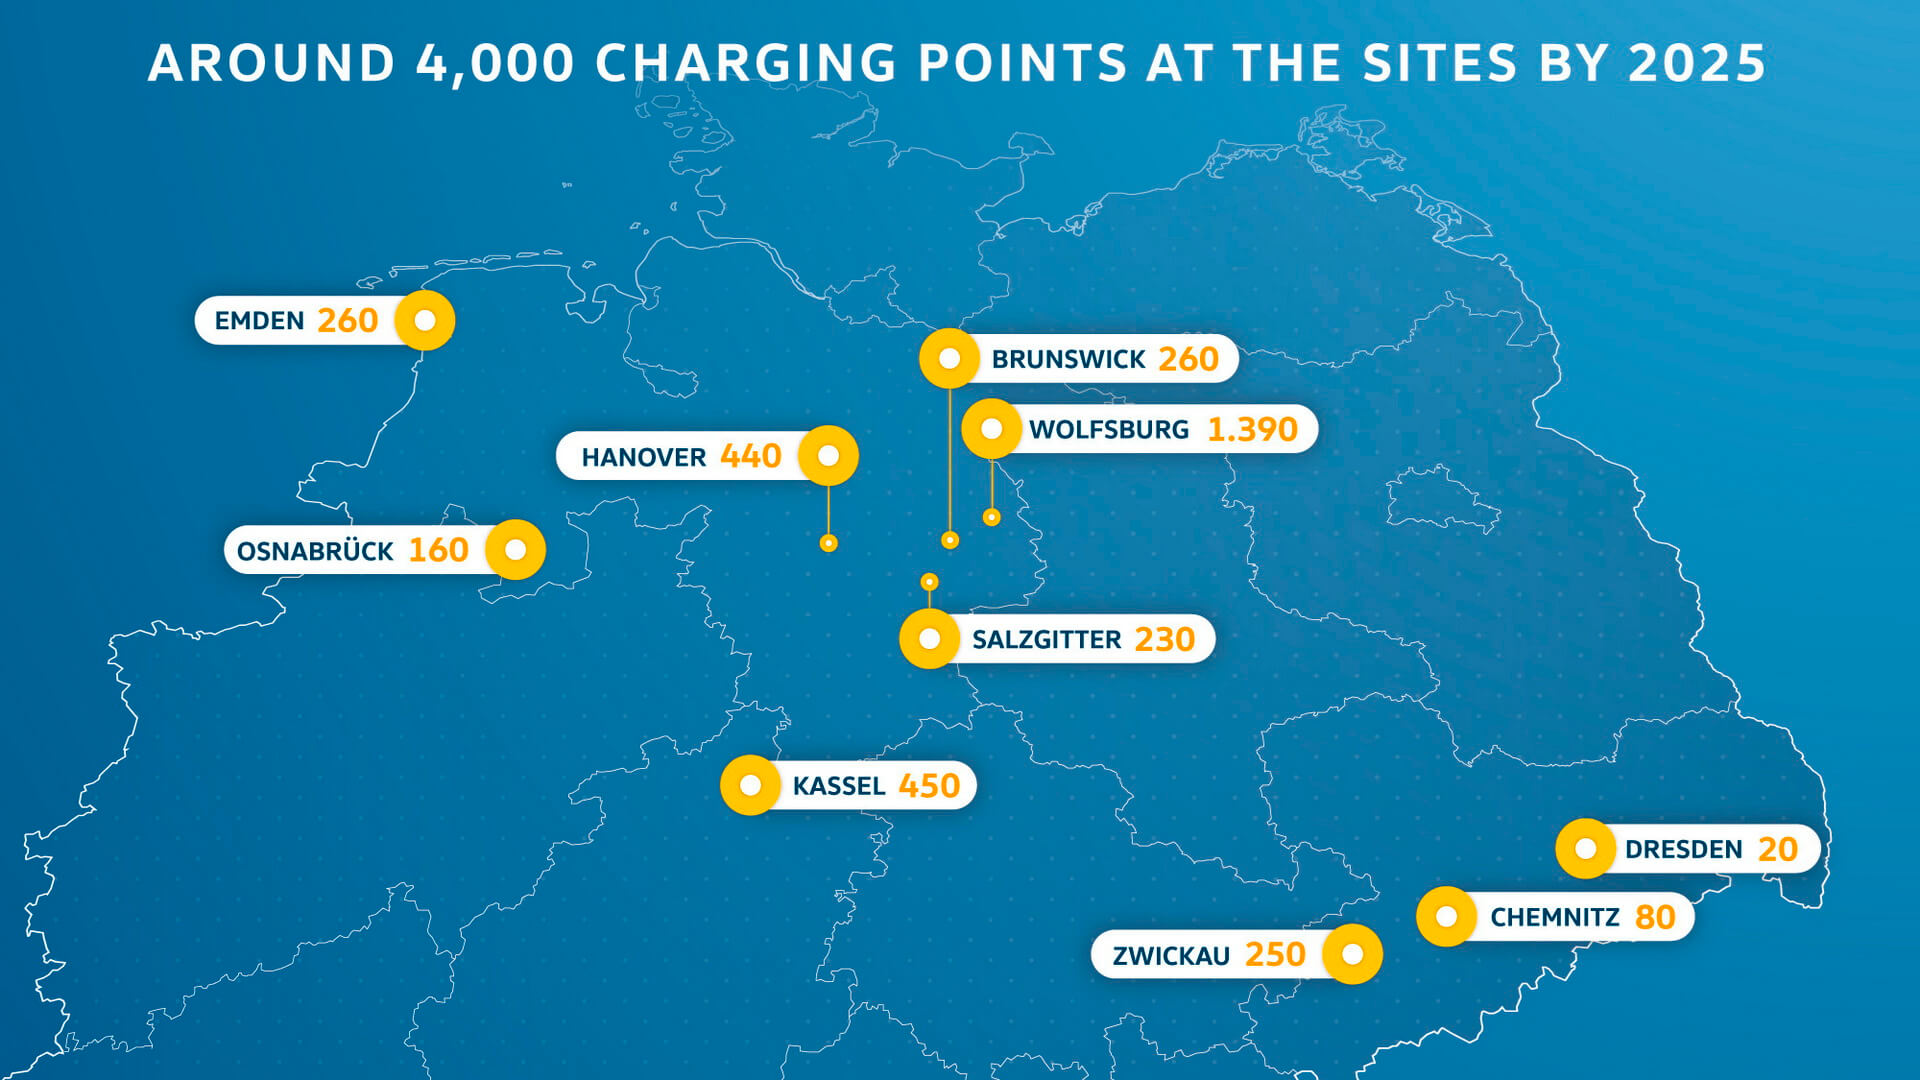 К 2025 году в десяти местах по всей Германии должно быть установлено 4 000 пунктов зарядки